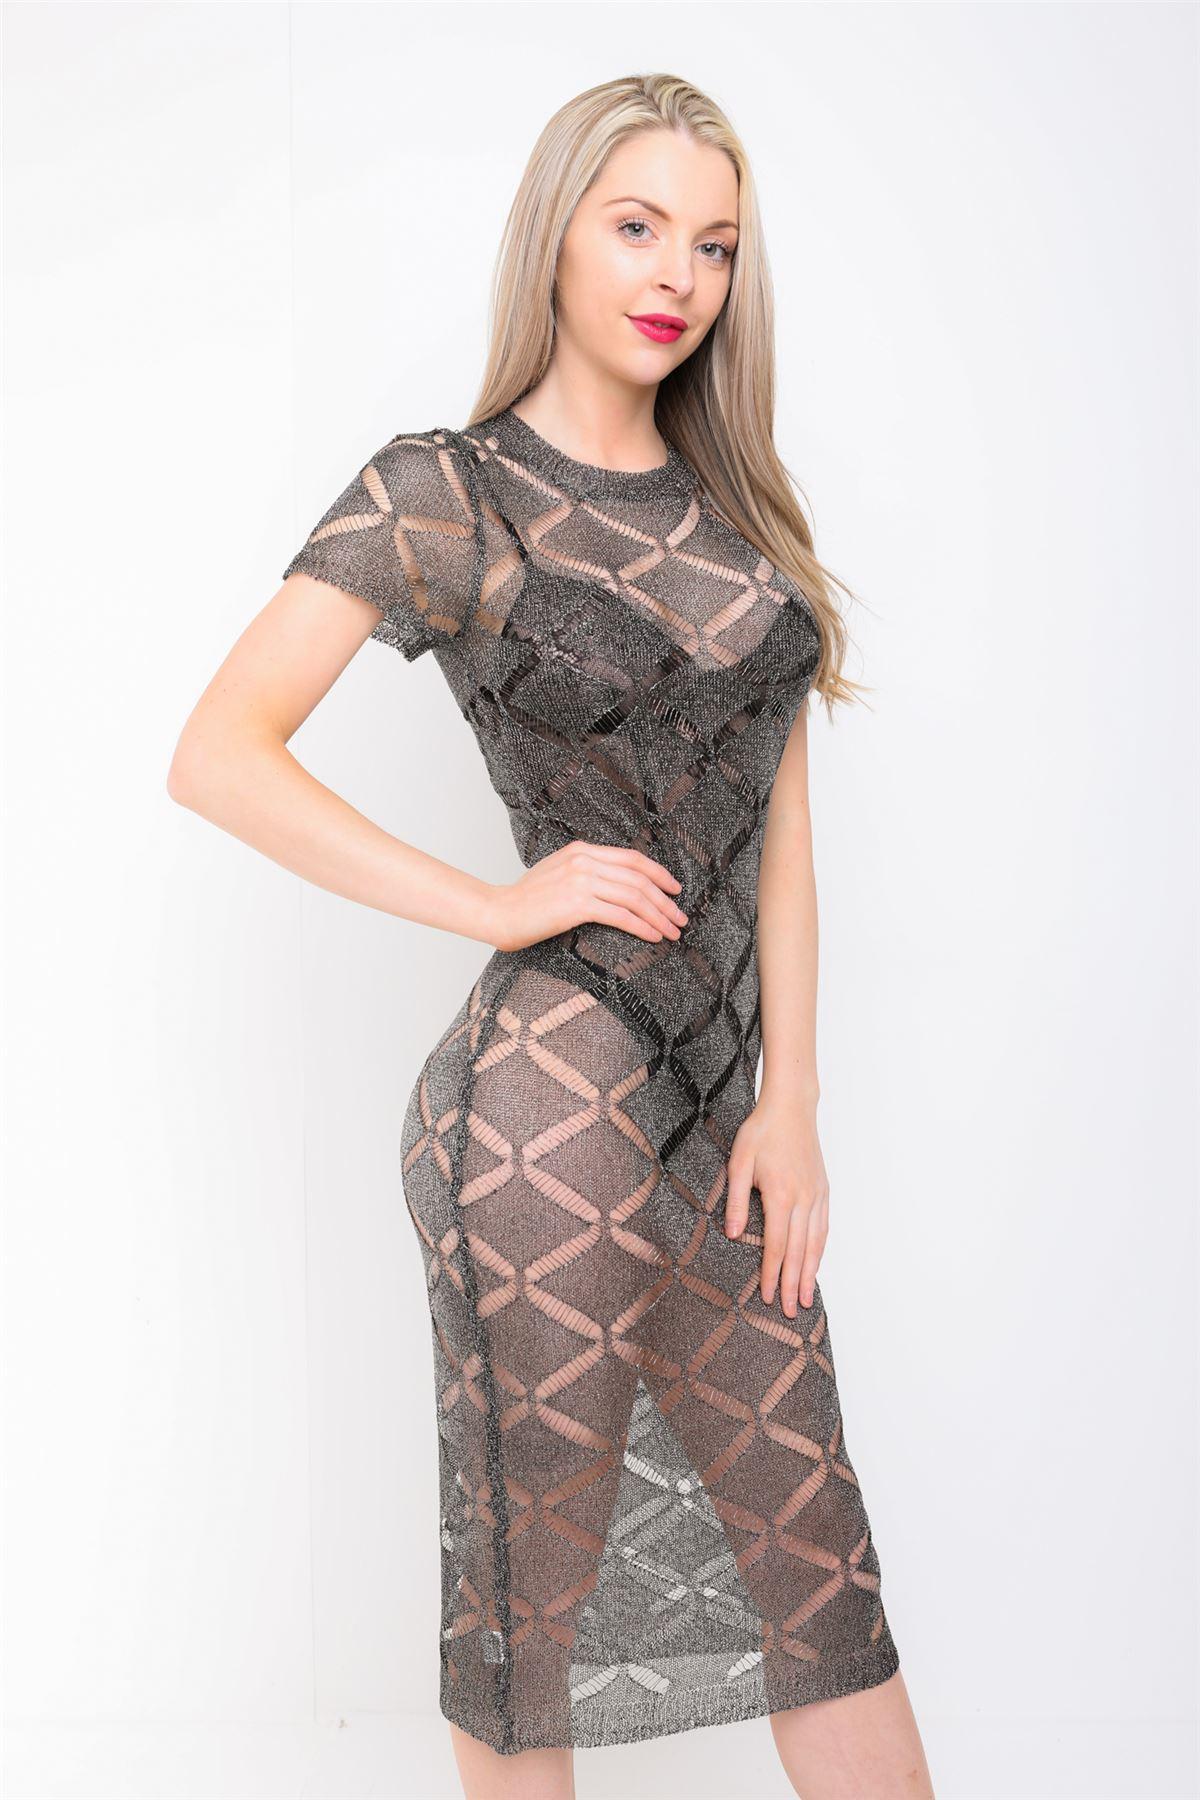 Women Rose Gold Black Distressed Knitted Dress Metallic